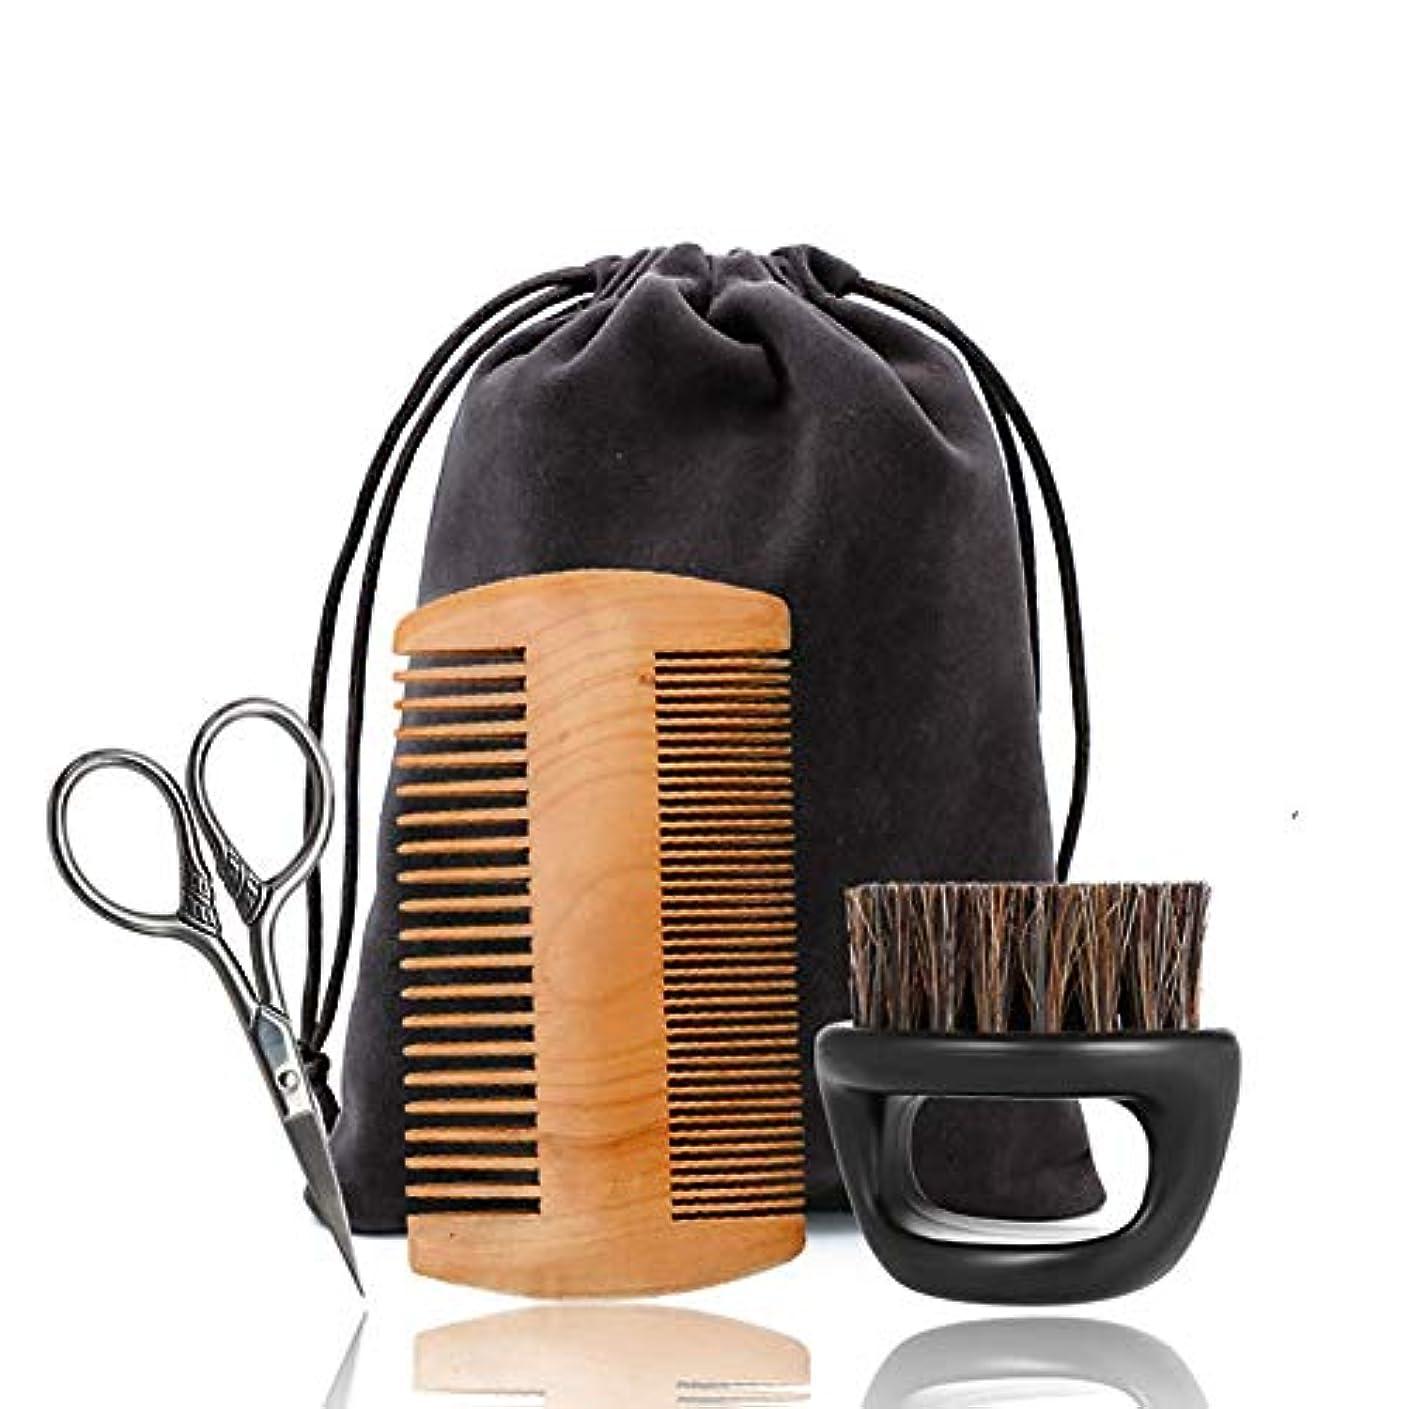 北極圏もっと彫刻家Onior 4ピースひげグルーミングキットひげトリミングボードブラシ髪くしはさみ形シェーピングと成長旅行バッグシェーピングツール完璧なシェービング対称パーソナルケア耐久性と実用的